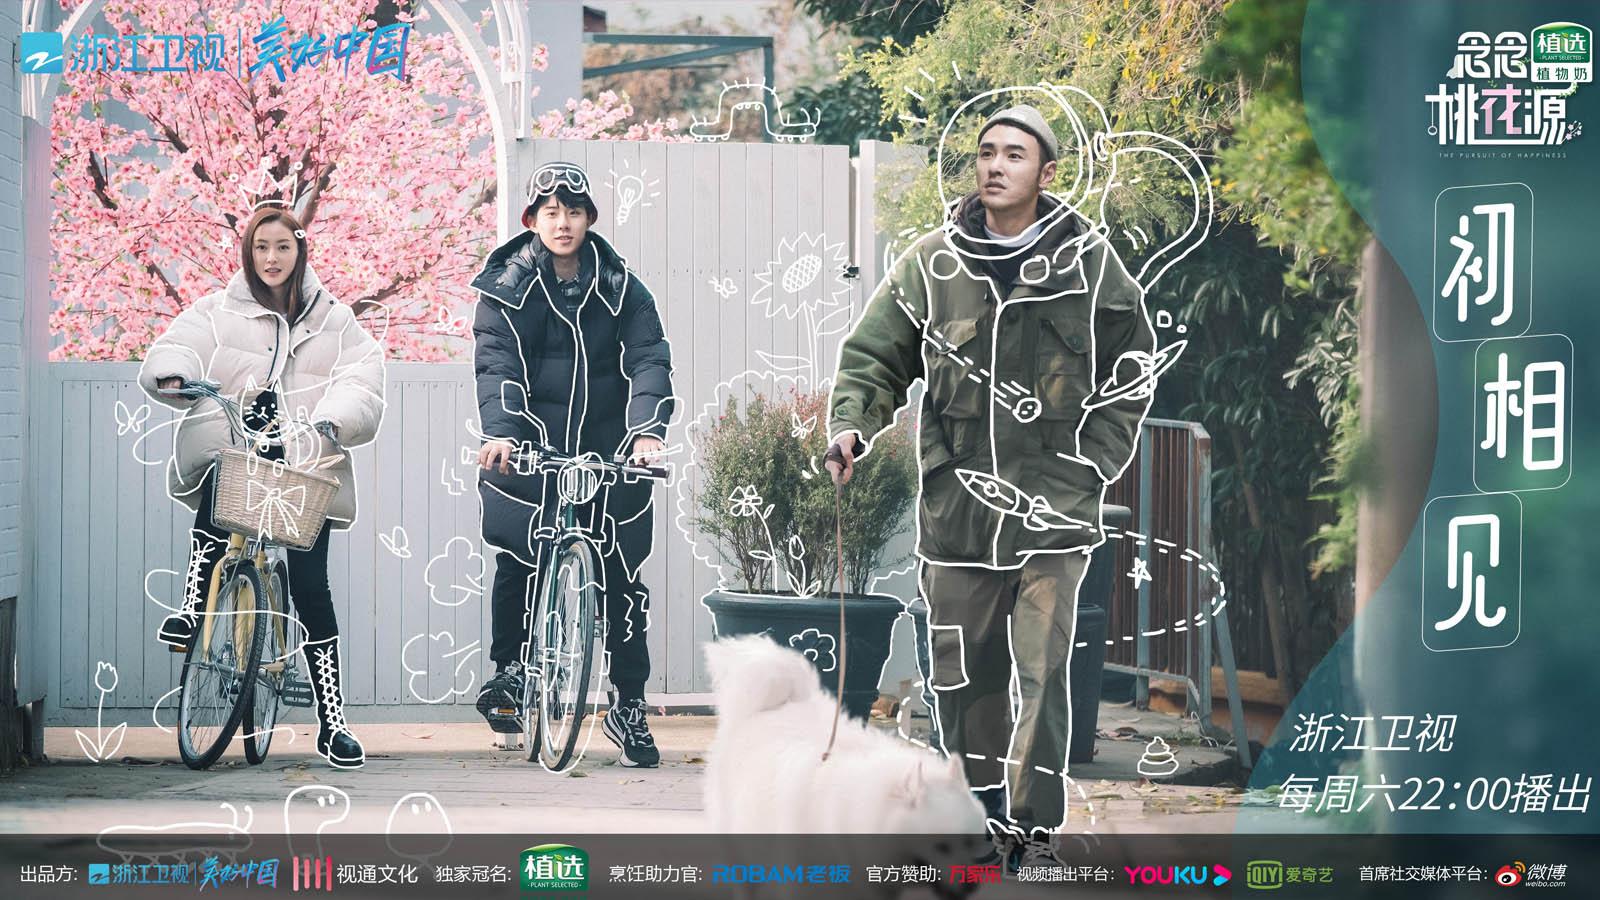 """《念念桃花源》张天爱开启水逆""""四连翻"""",周奇立flag要瘦20斤"""